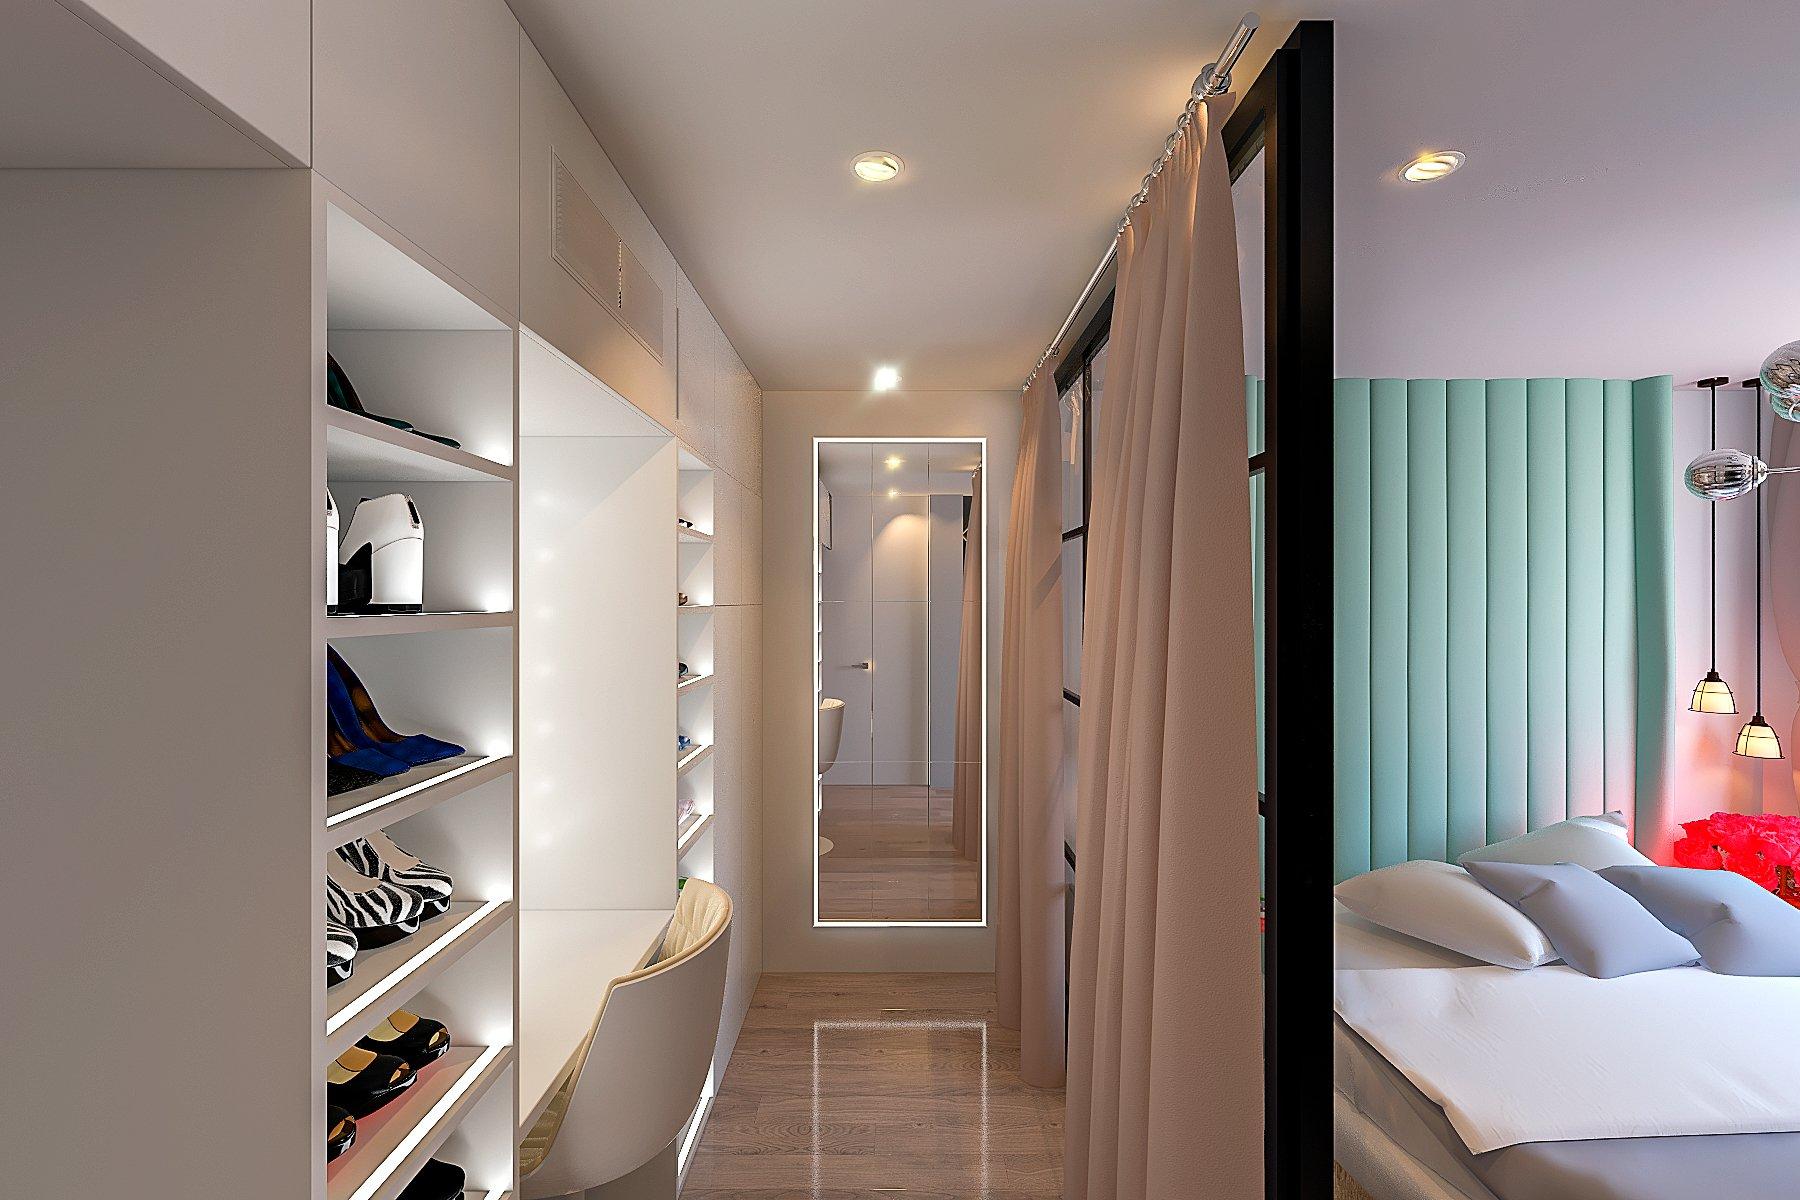 дизайн спальни, шкаф с подсветкой полок, зеркало с подсветкой, перегородка лофт в спальне, шторы возле перегородки, вид 2